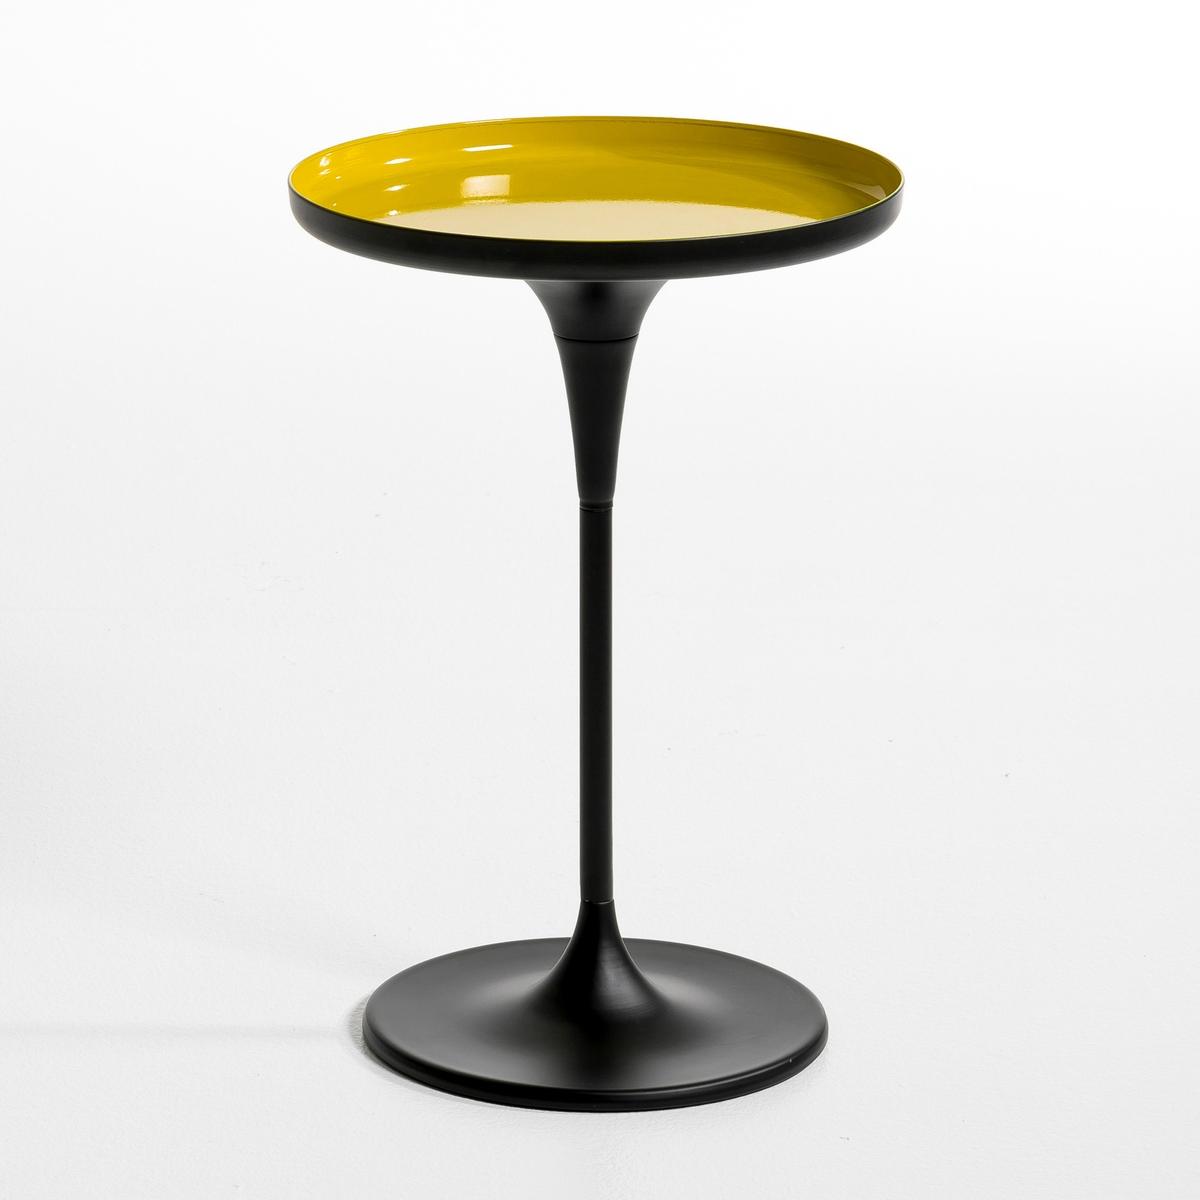 Столик круглый на одной ножке  Nymph?aКруглый столик   Nymph?a. Чудесное сияние столешницы с глянцевым лаковым покрытием,  закрепленной на центральной ножке .Описание : - Из металла Размеры : - ?.35 x .50 см.Размеры и вес ящика :- .45 x .43,5 x .22,5 см, 3,7 кг .<br><br>Цвет: черный + сине-зеленый,черный,черный/ желтый,черный/ красный<br>Размер: единый размер